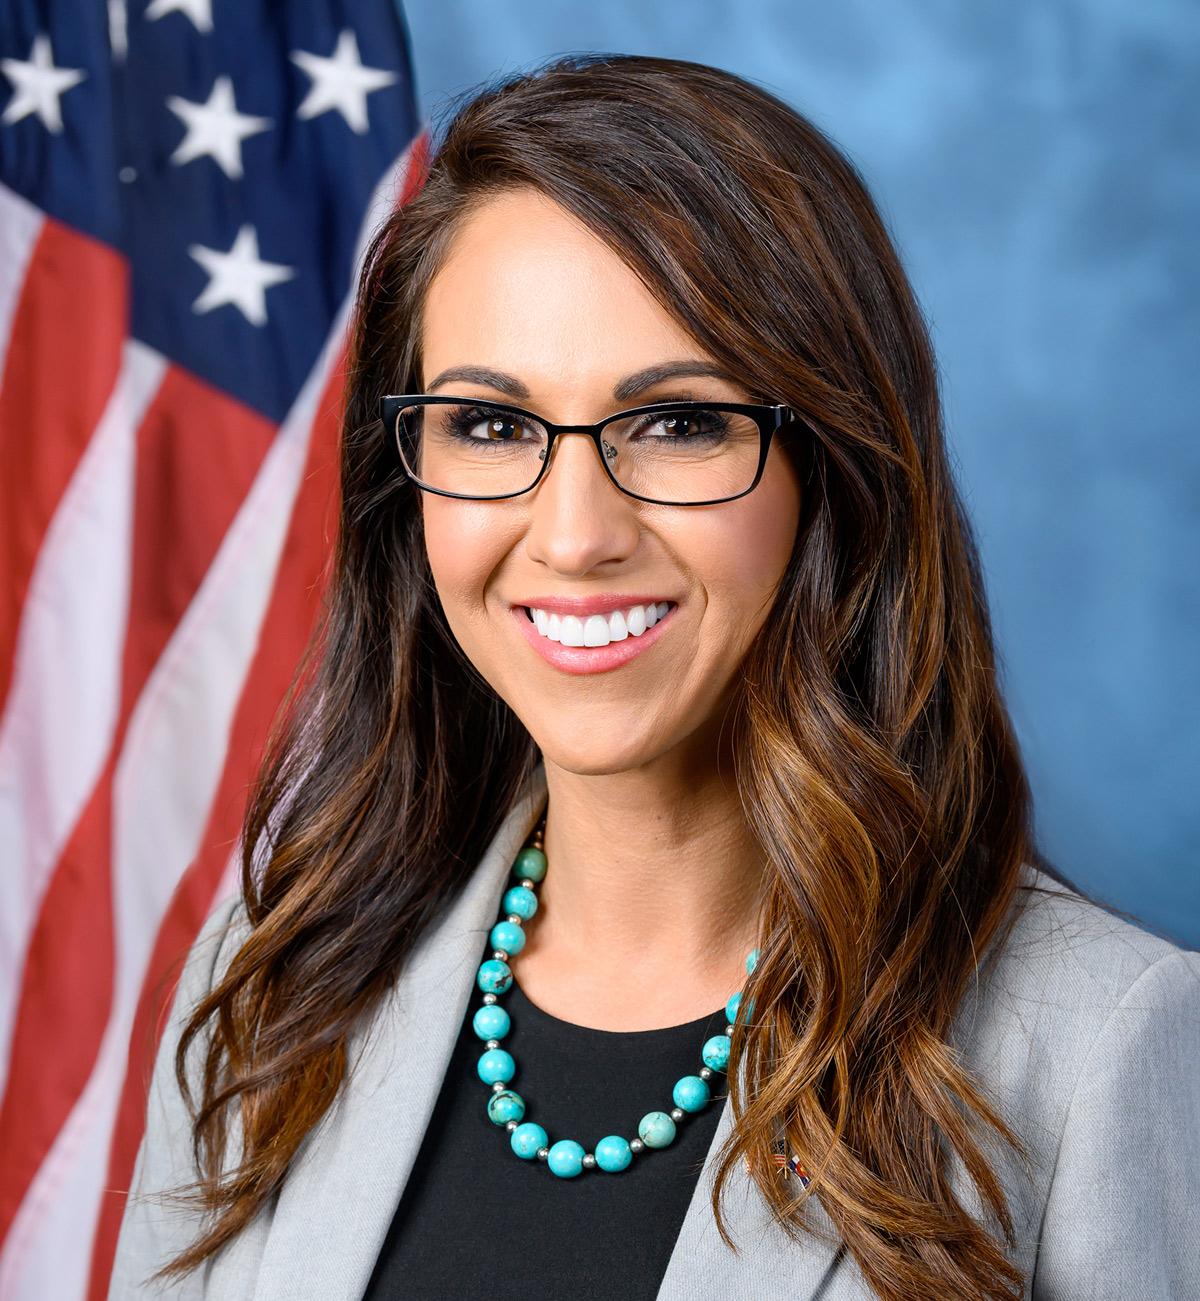 Lauren Boebert